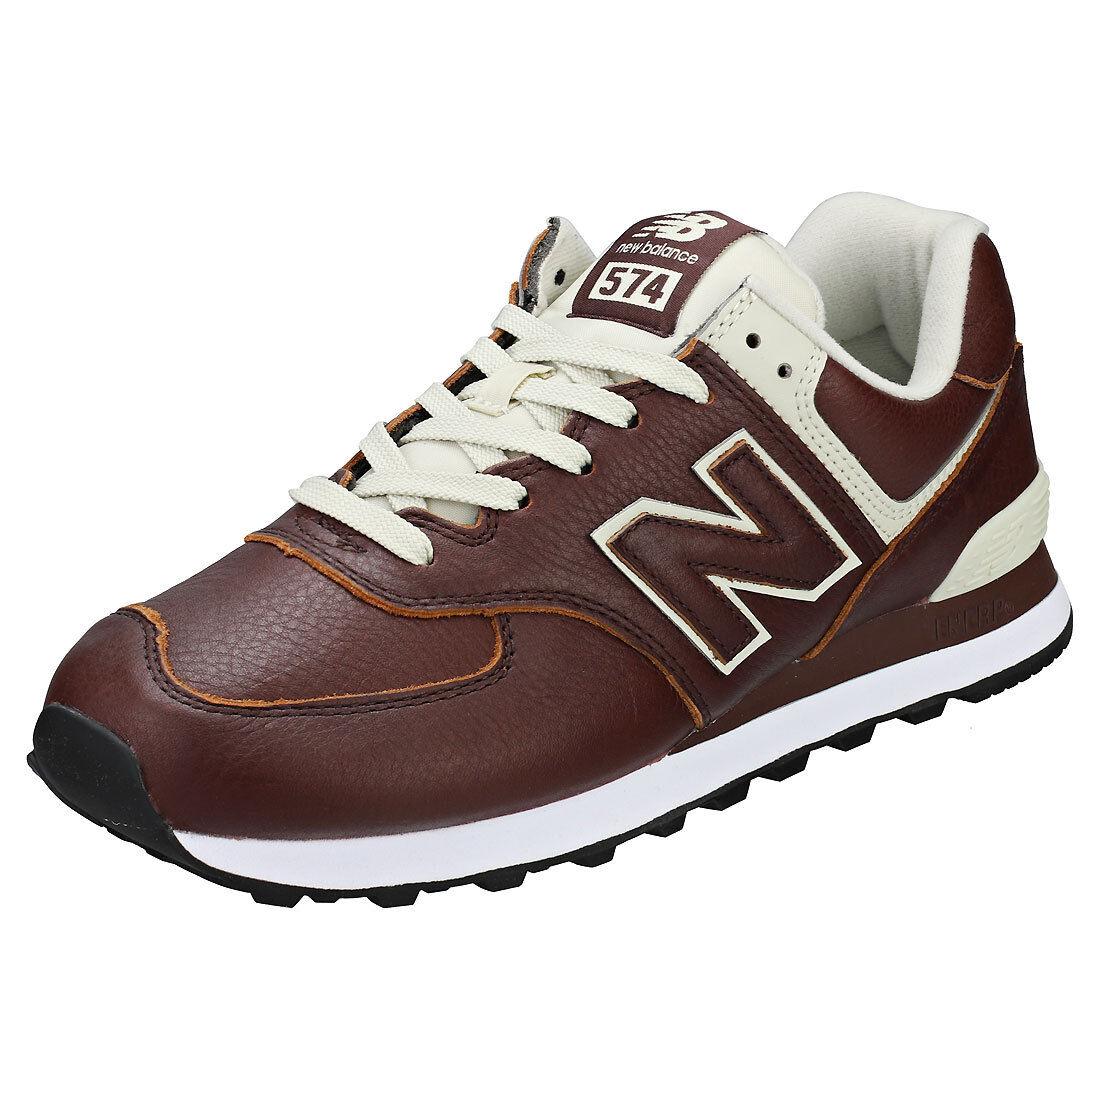 Ml574 Cuero Zapatillas Hombre New Para Clásico Balance 1ABaEwOqE